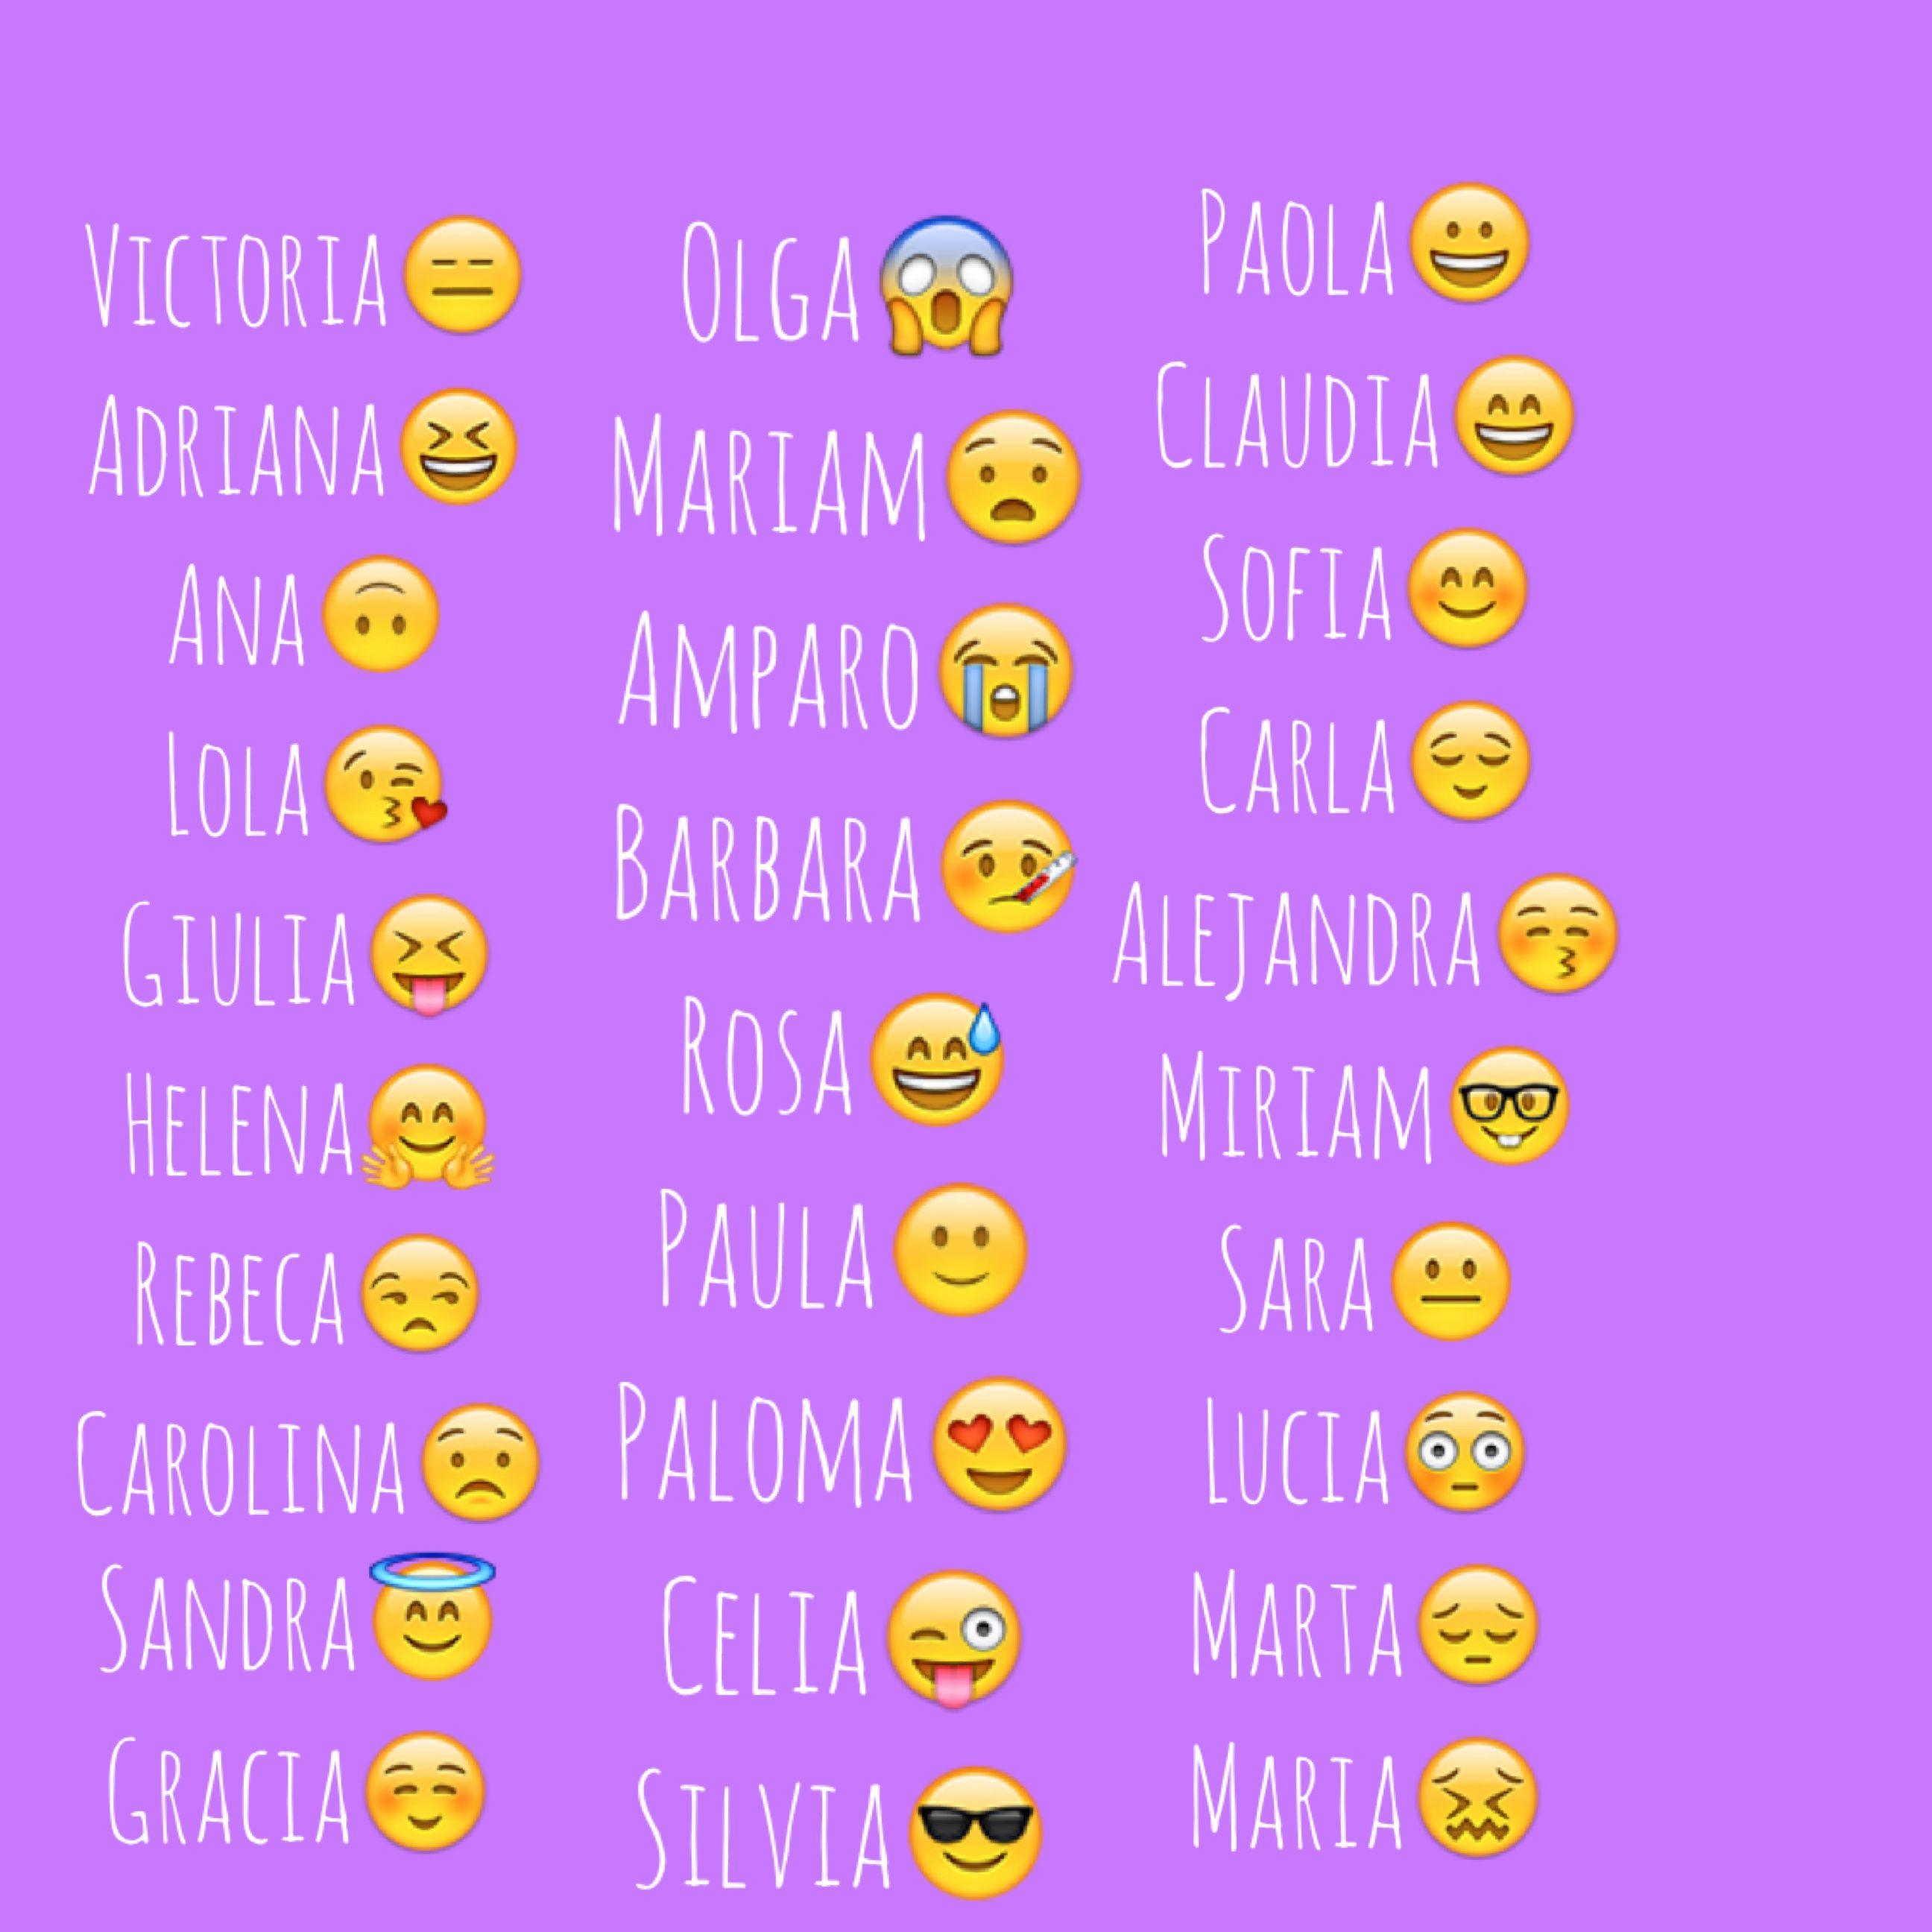 Que Significa Tu Nombre En Emojis Nombres Emoji Significado De Emojis Emojis